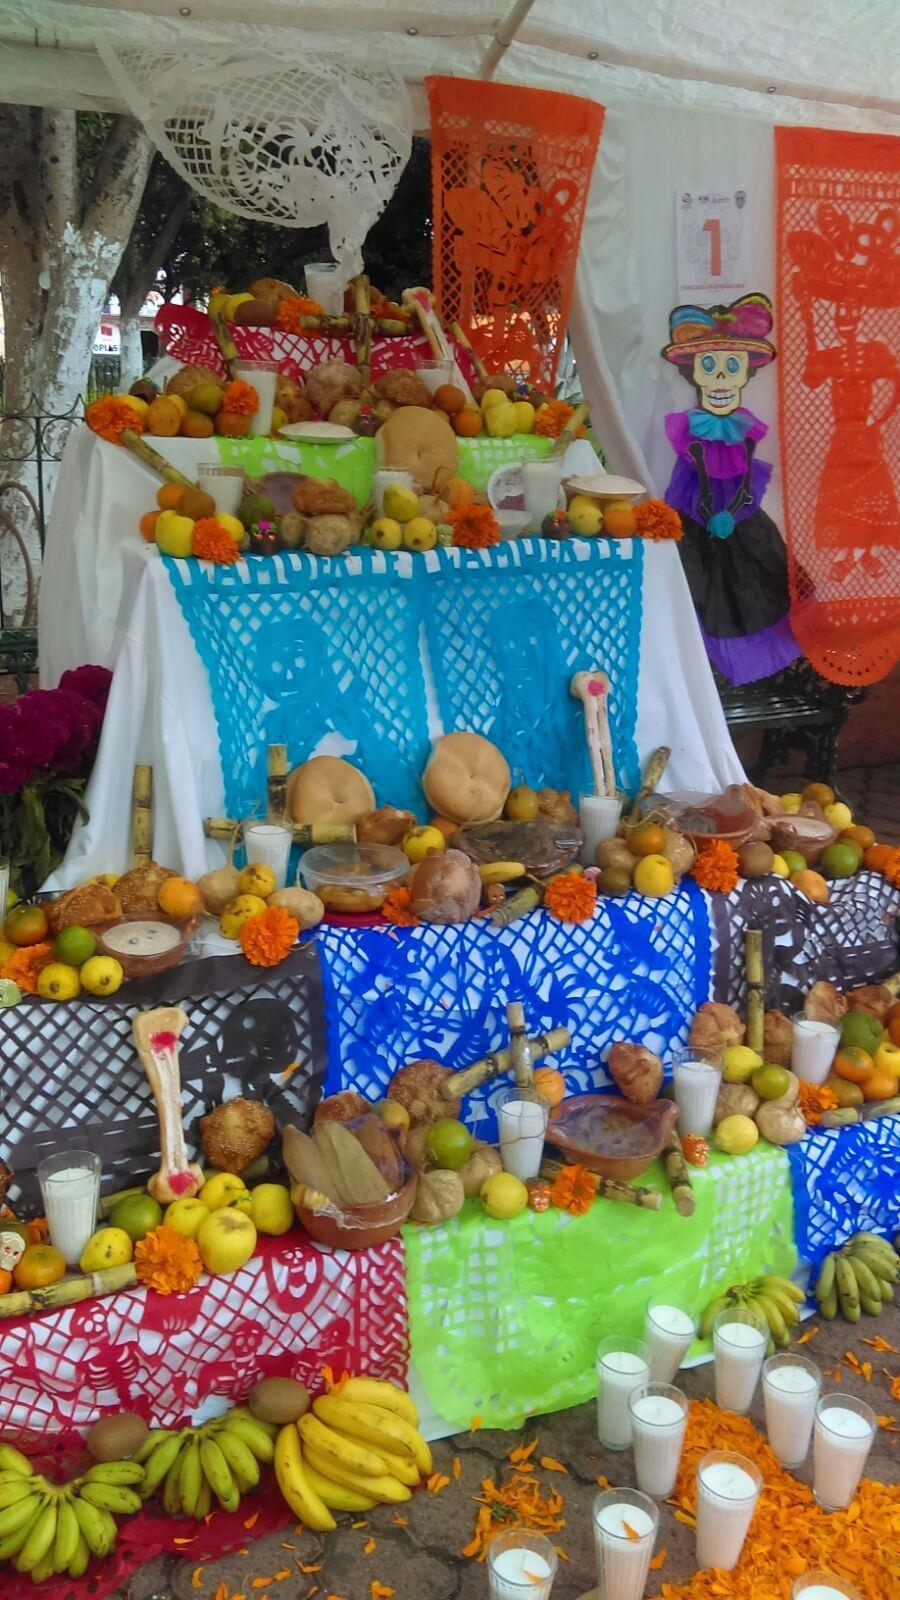 swieto-zmarlych-w-meksyku-altar-y-ofrenda